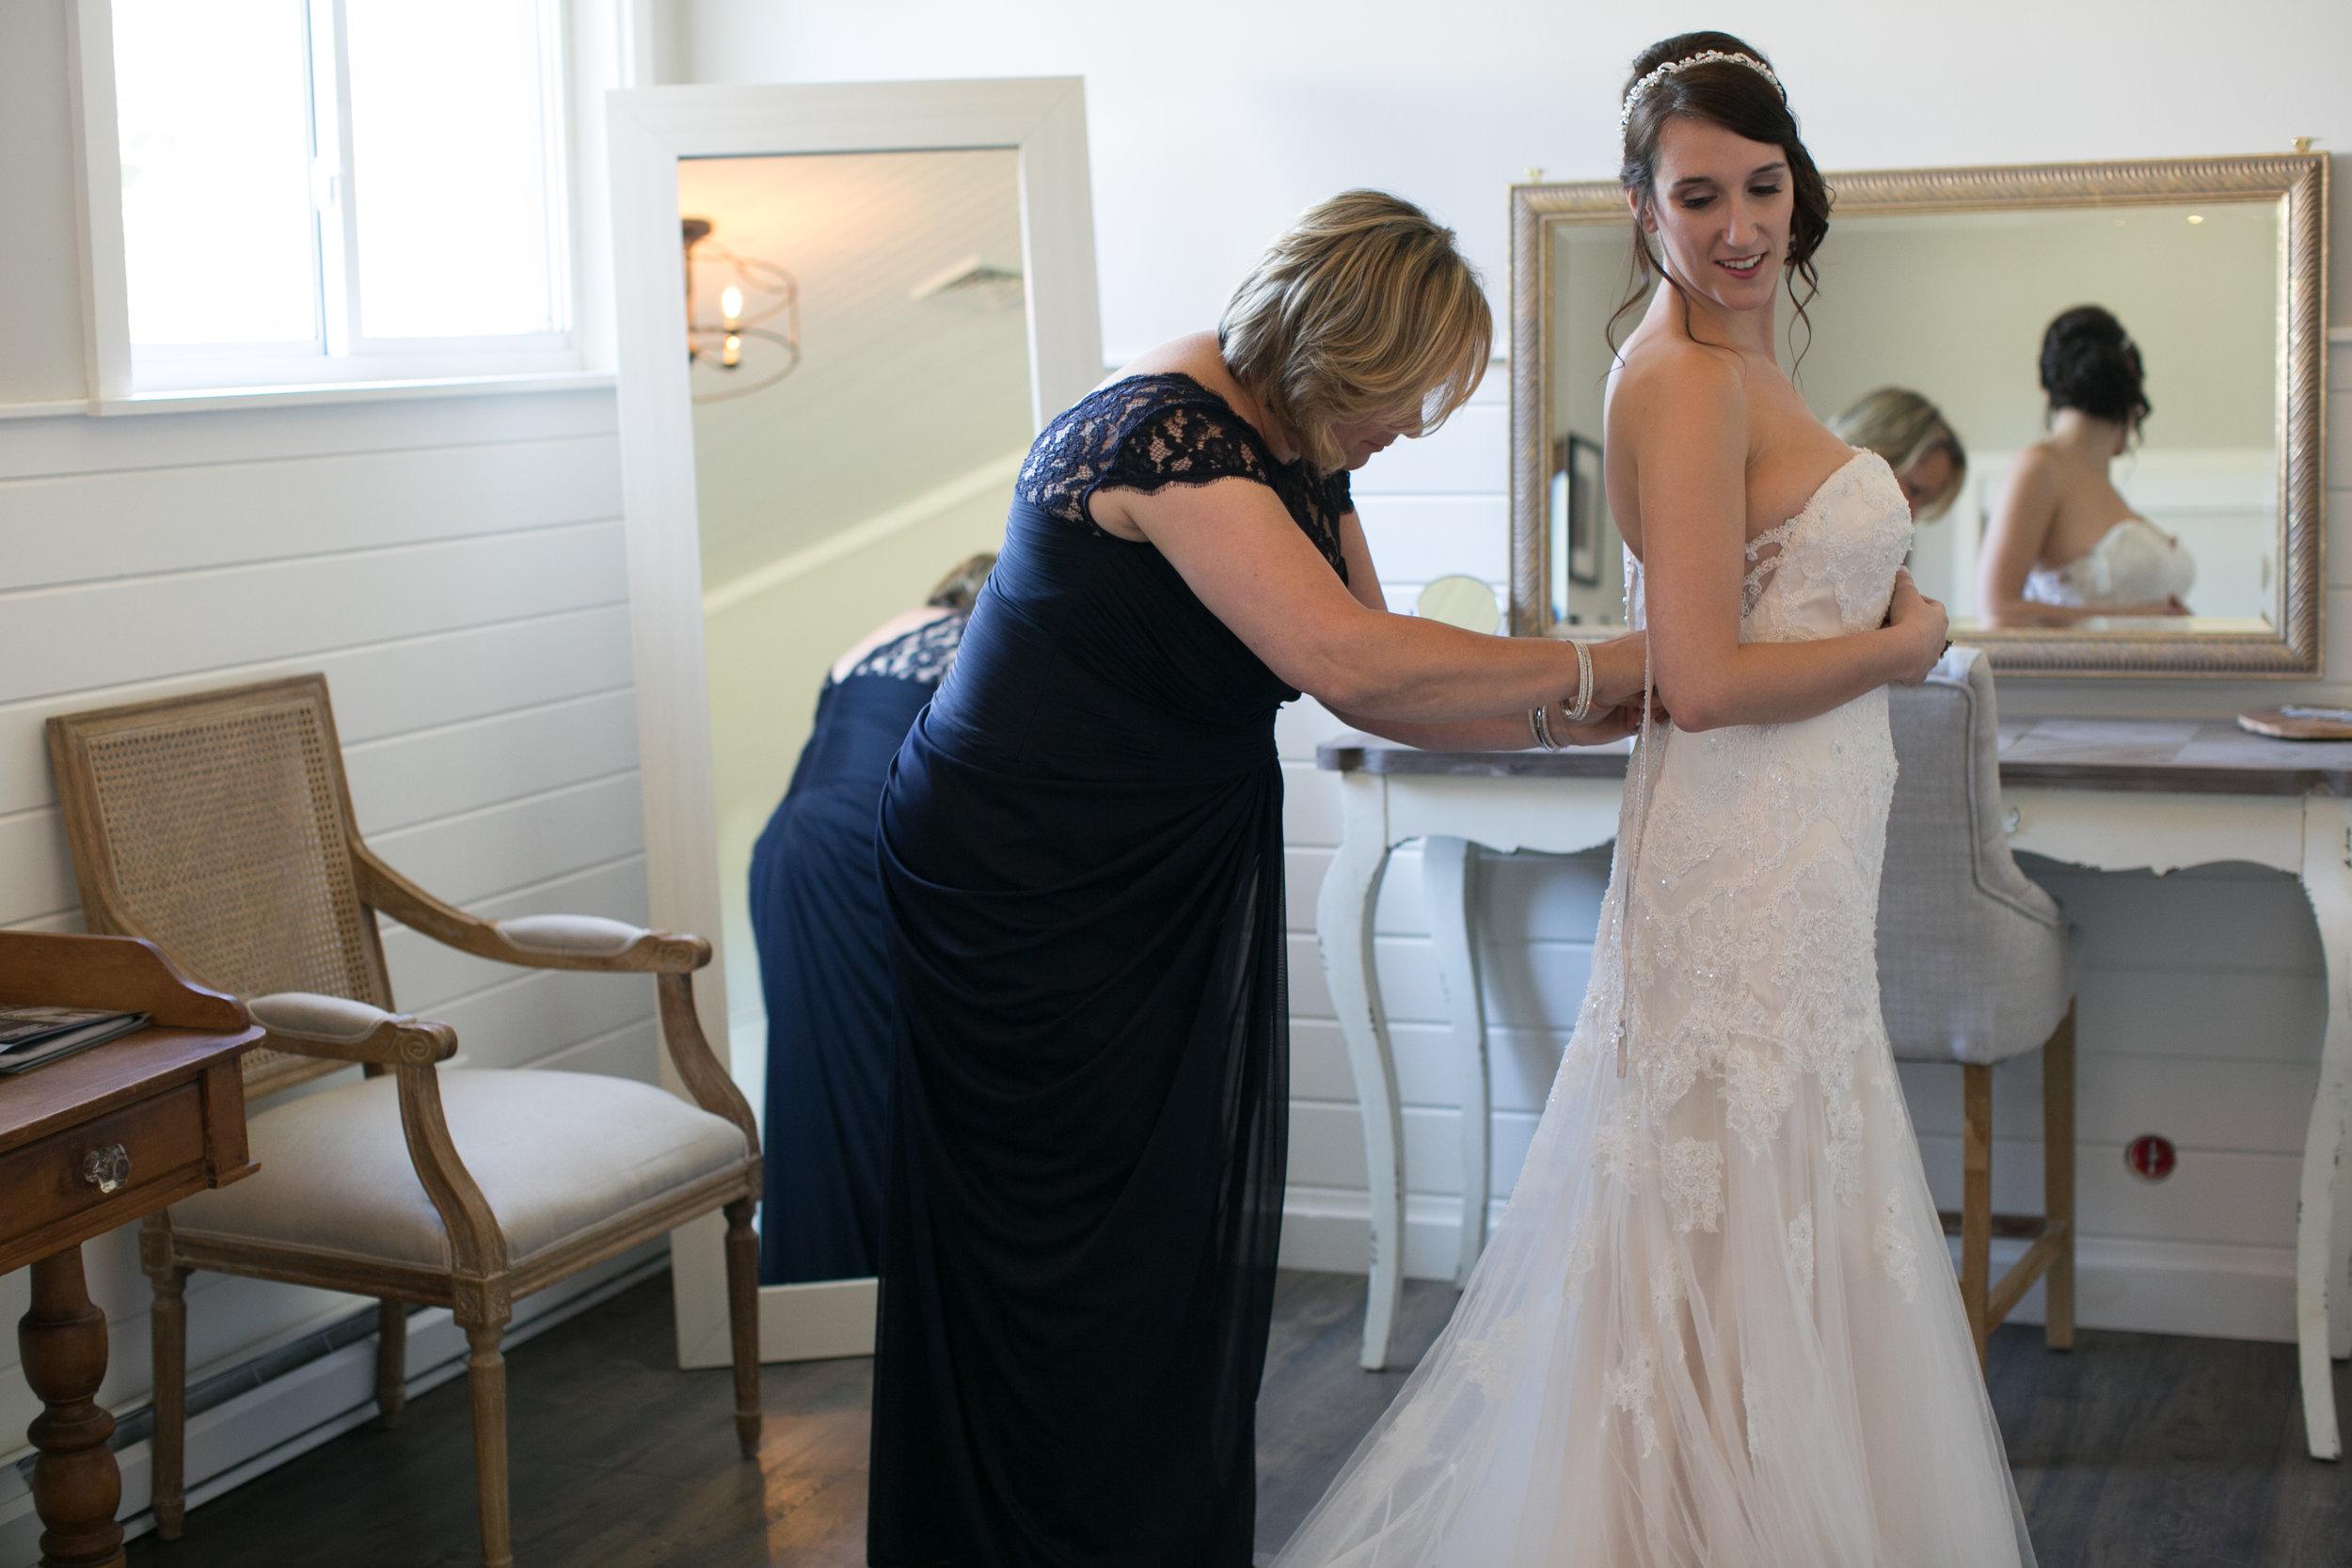 062_Jared_Kristen_wedding.jpg